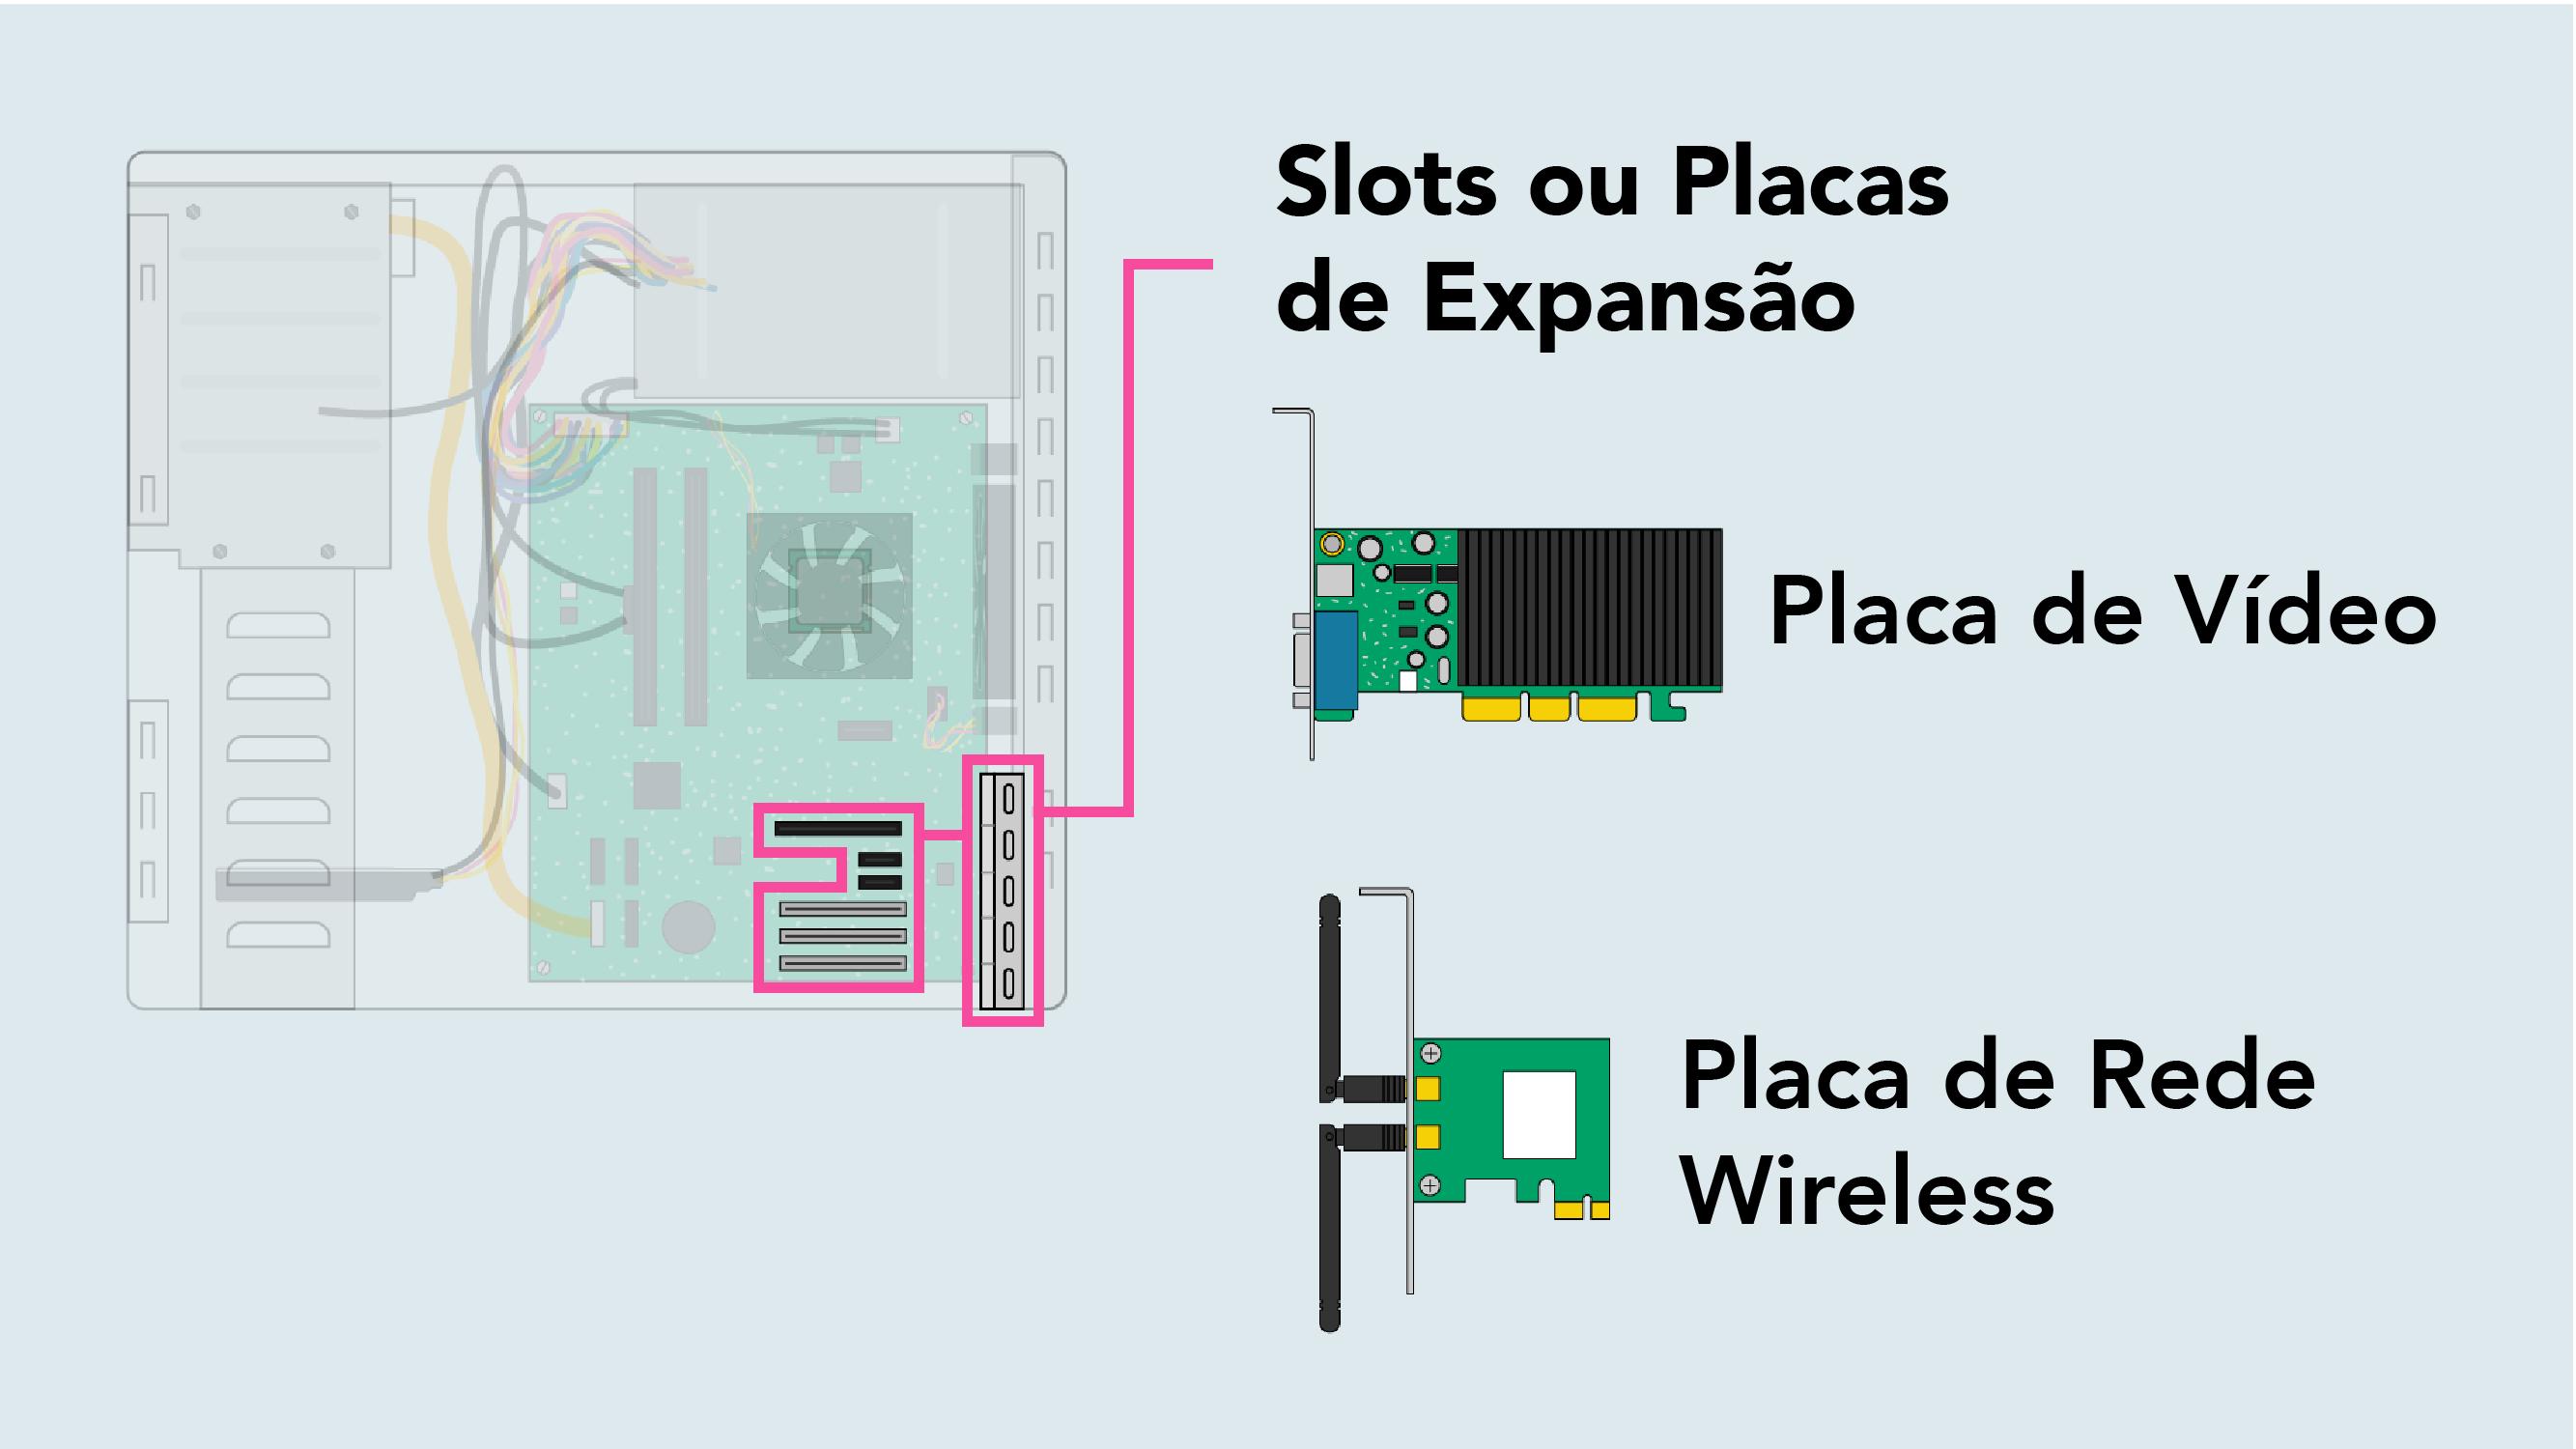 O que são slots ou placas de expansão